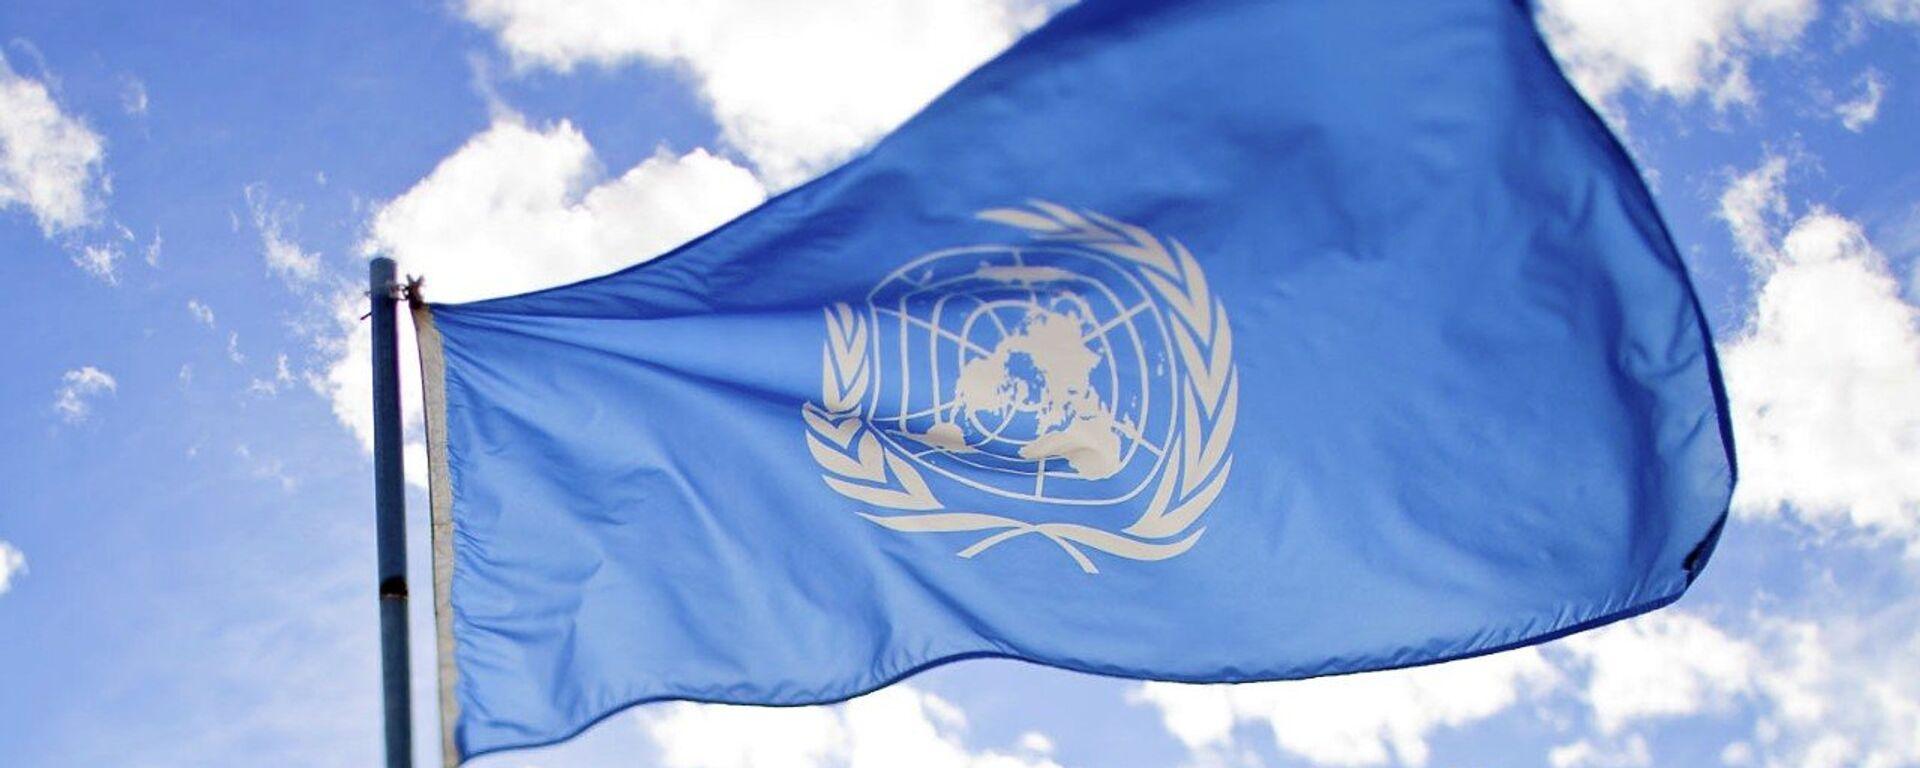 La bandera de la ONU - Sputnik Mundo, 1920, 28.05.2021